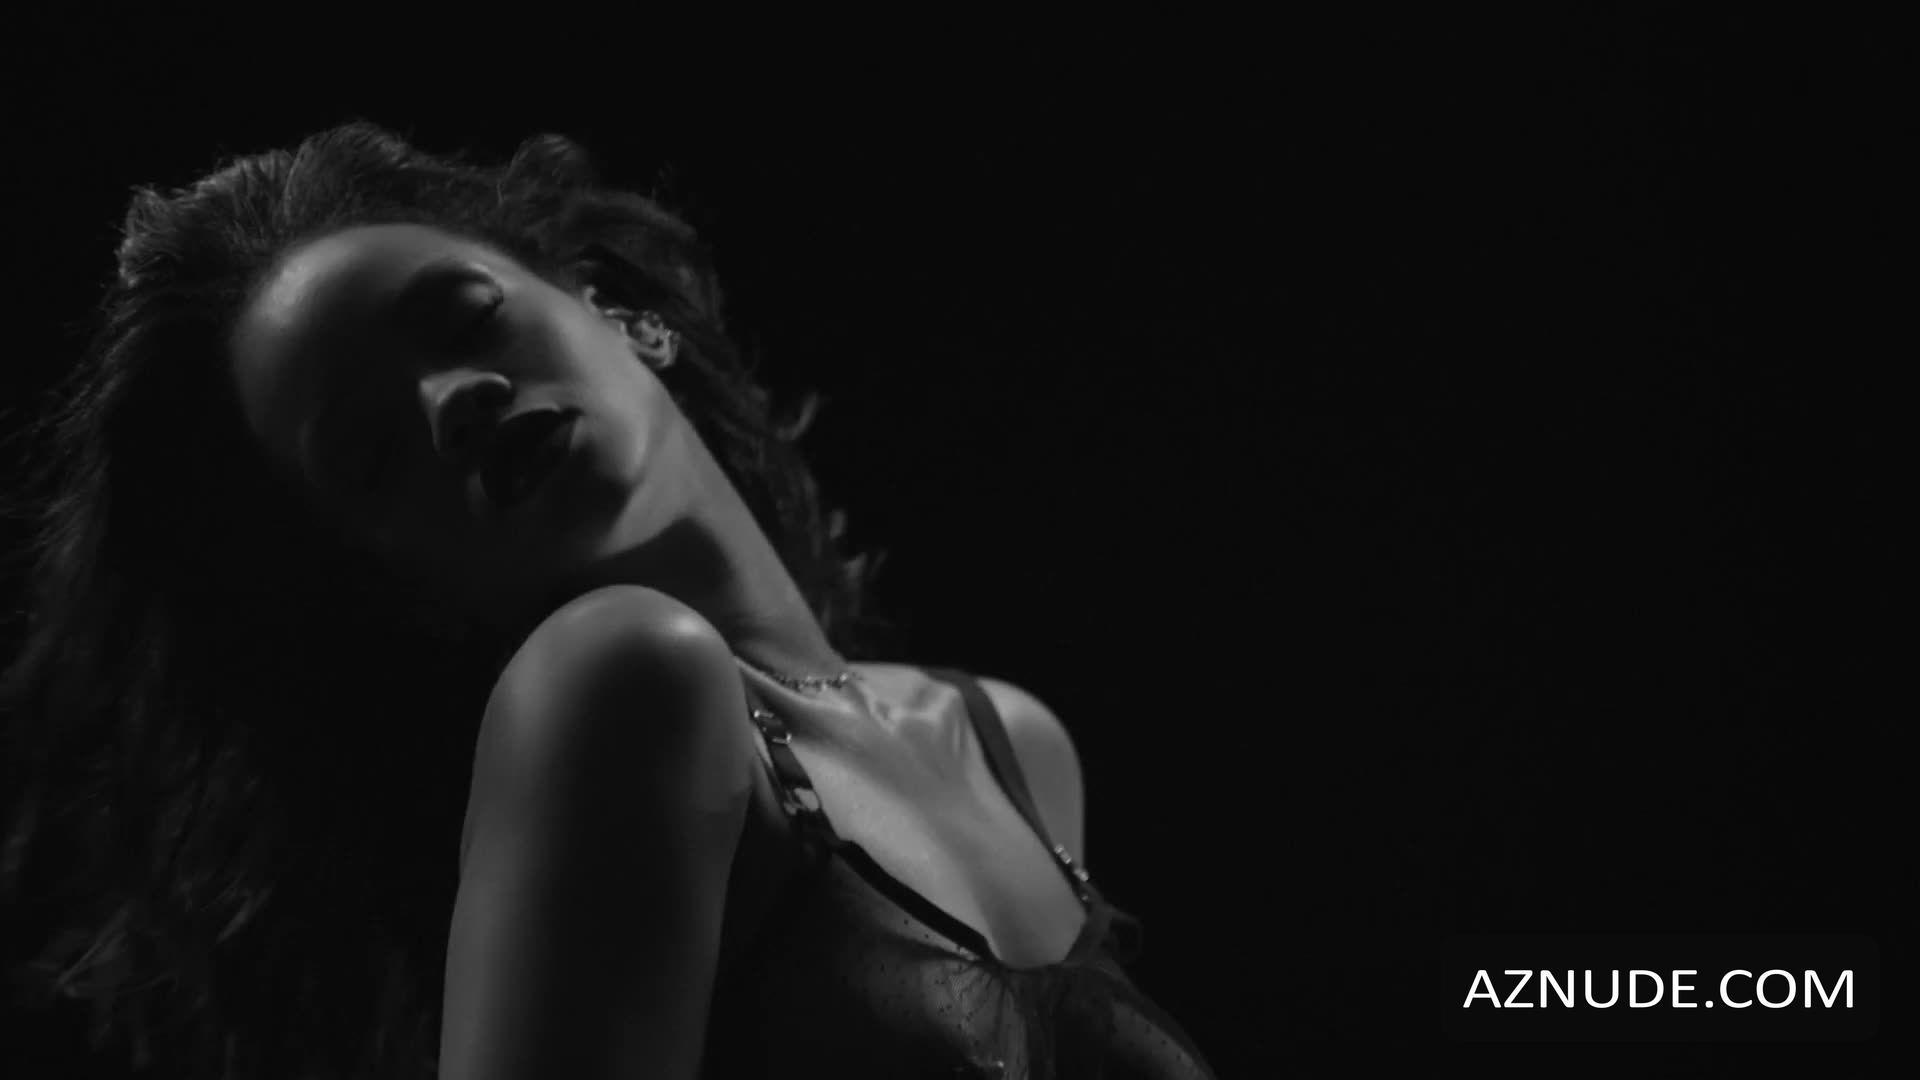 boob shot Rihanna